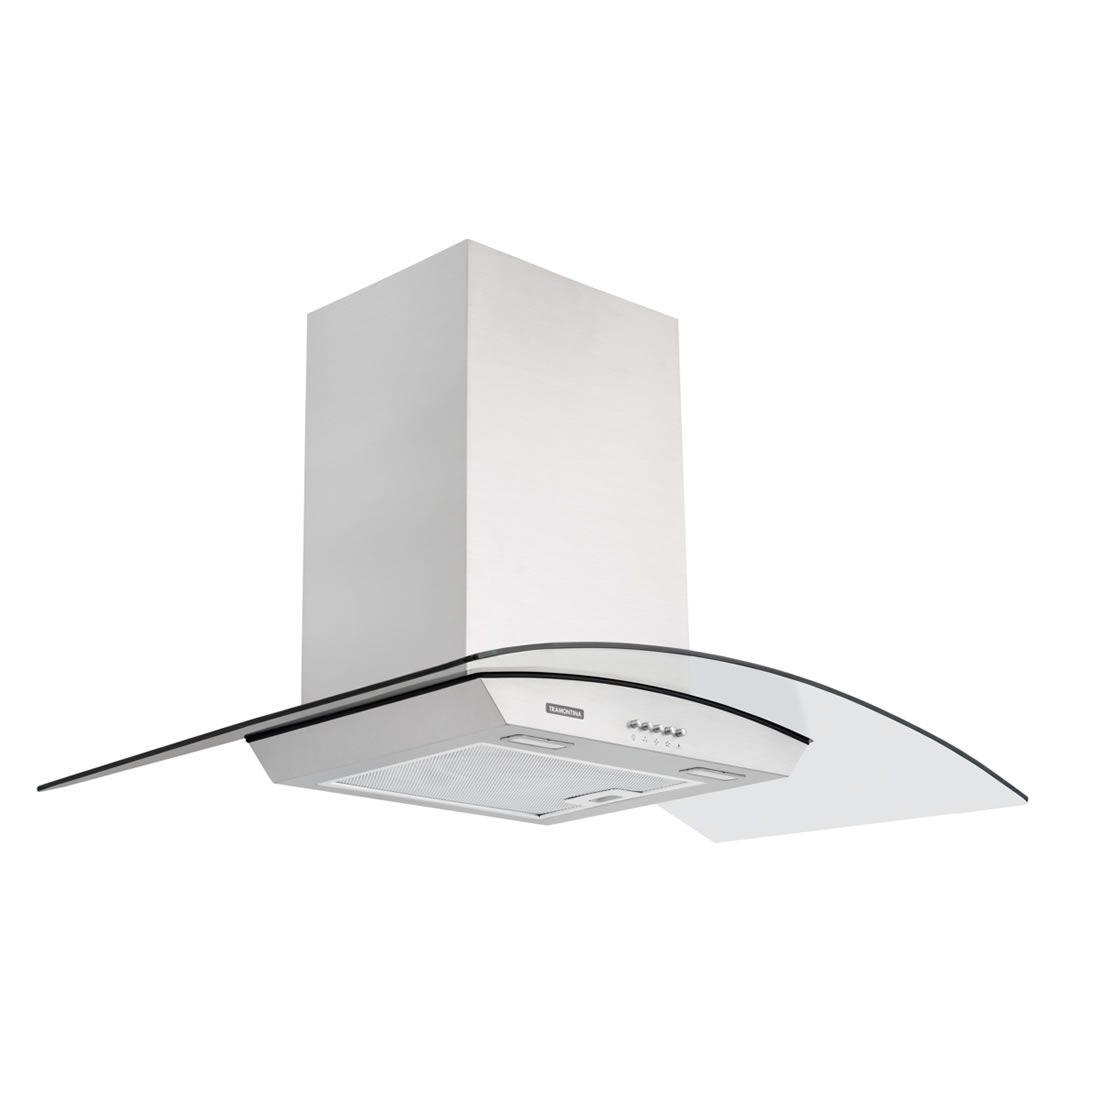 Coifa de parede 90 cm em aço inox + vidro - New Vetro 90 - Tramontina (220V) Ref: 95800/008